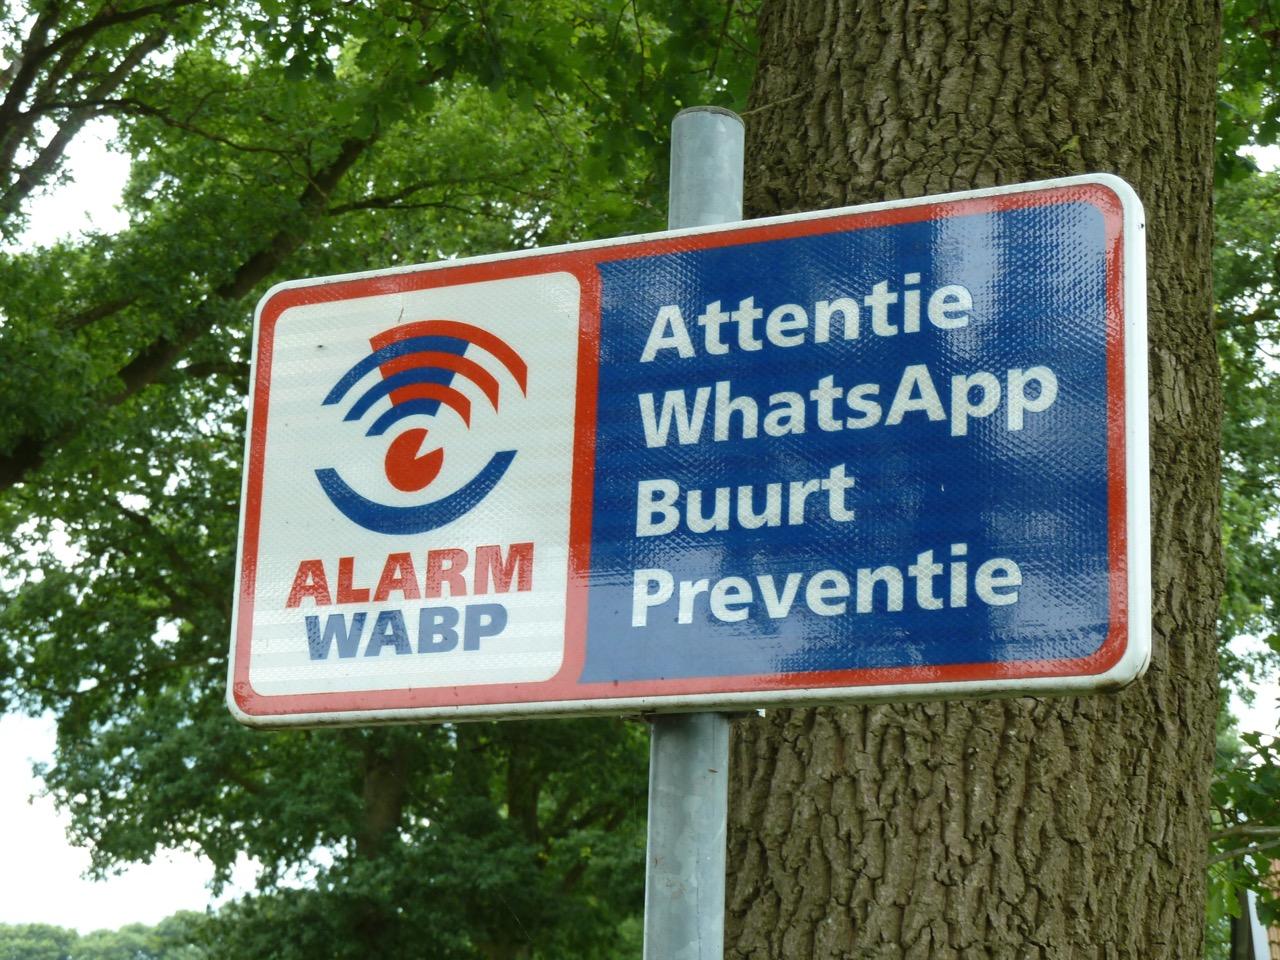 Attentie_WhatsApp_Buurtpreventie